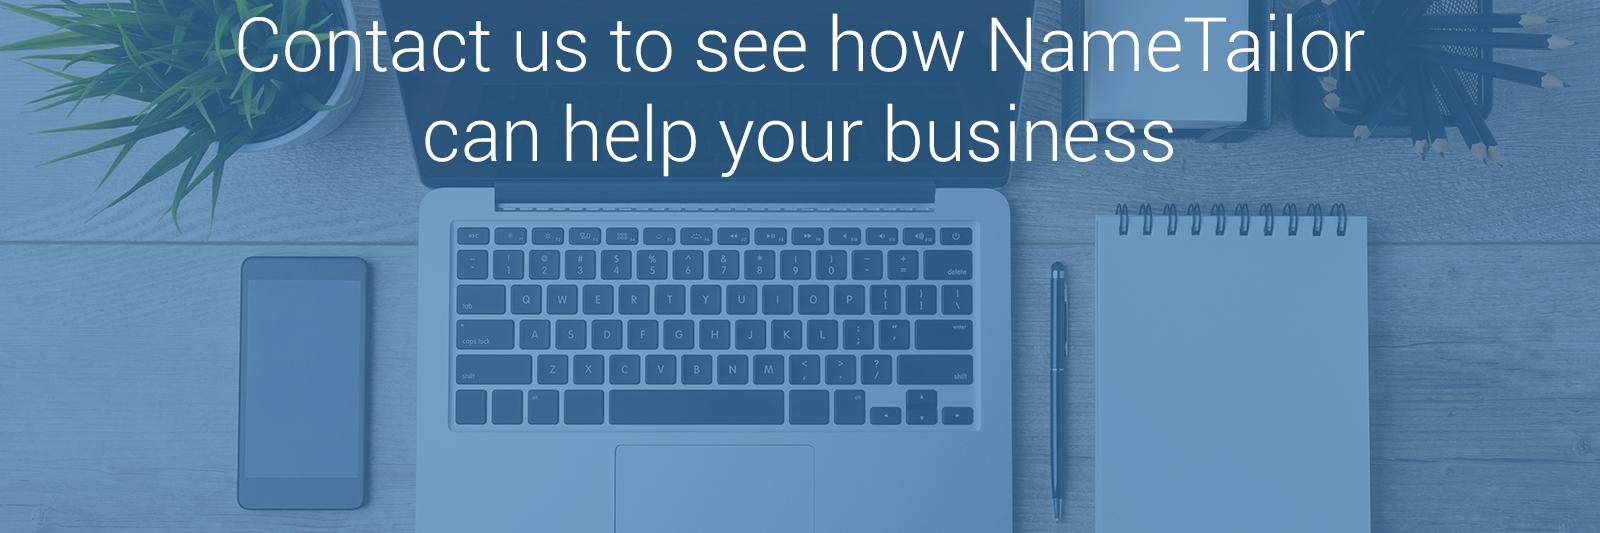 web design company desk for web marketing